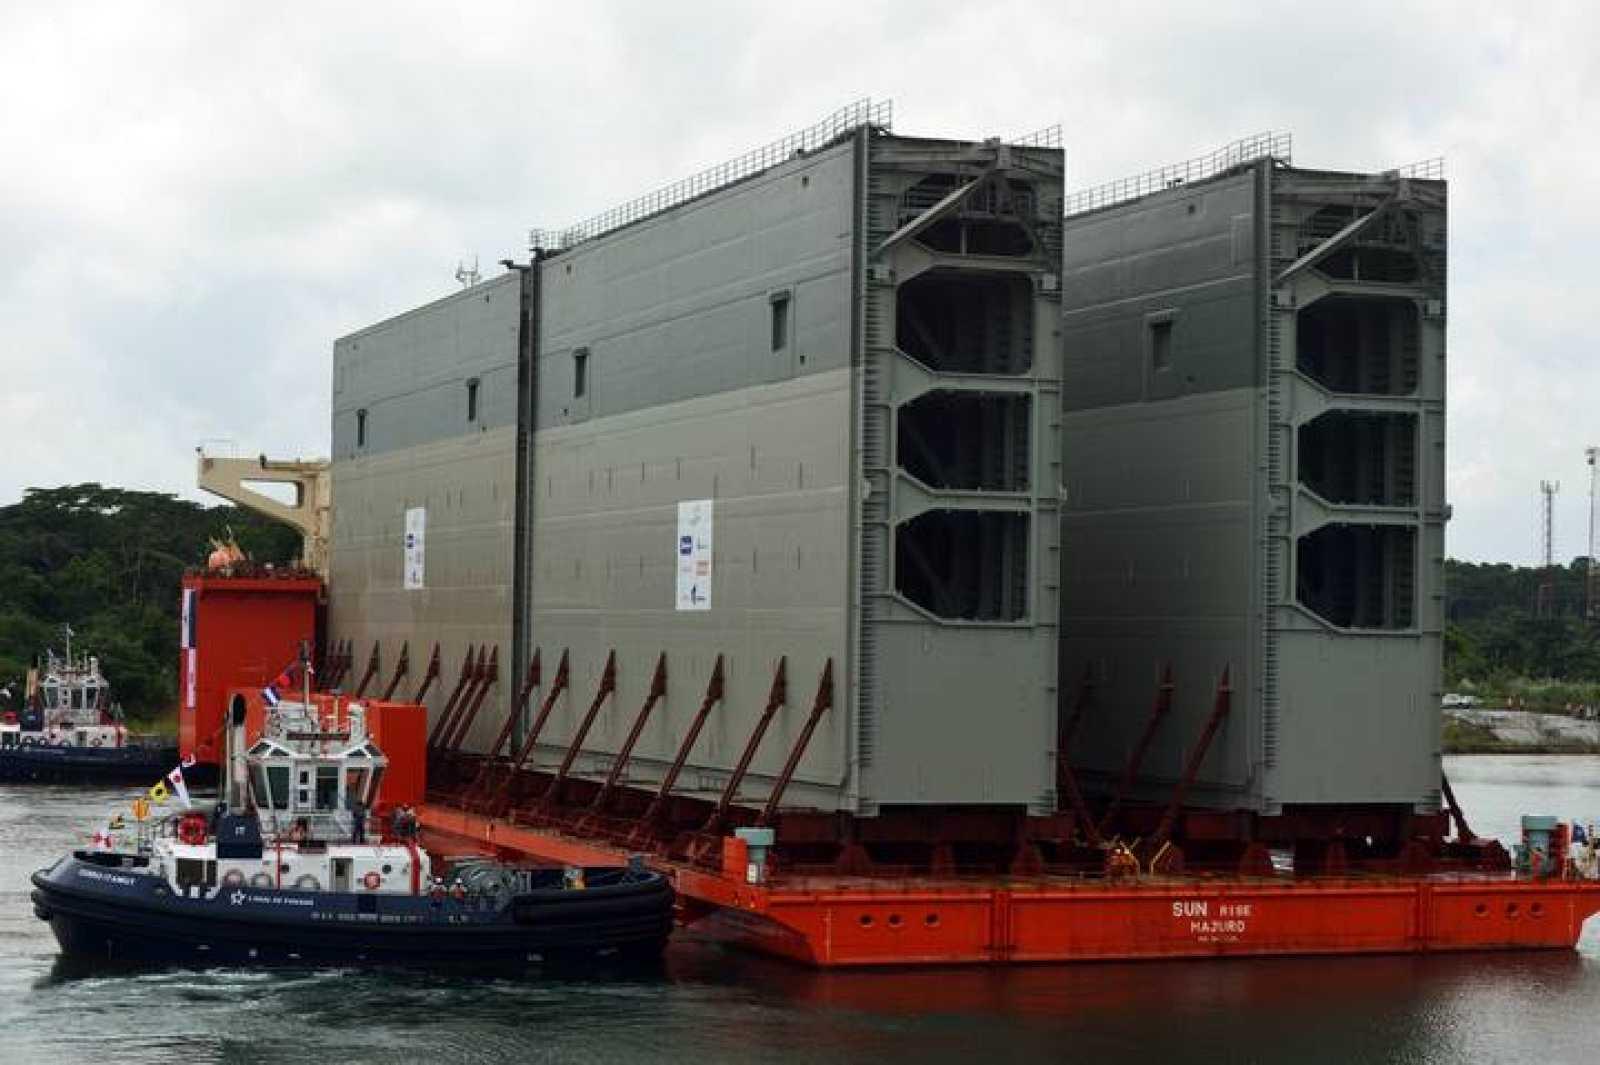 El barco que transporta las nuevas compuertas del Canal de Panamá llega el puerto de Colón, al oeste del país